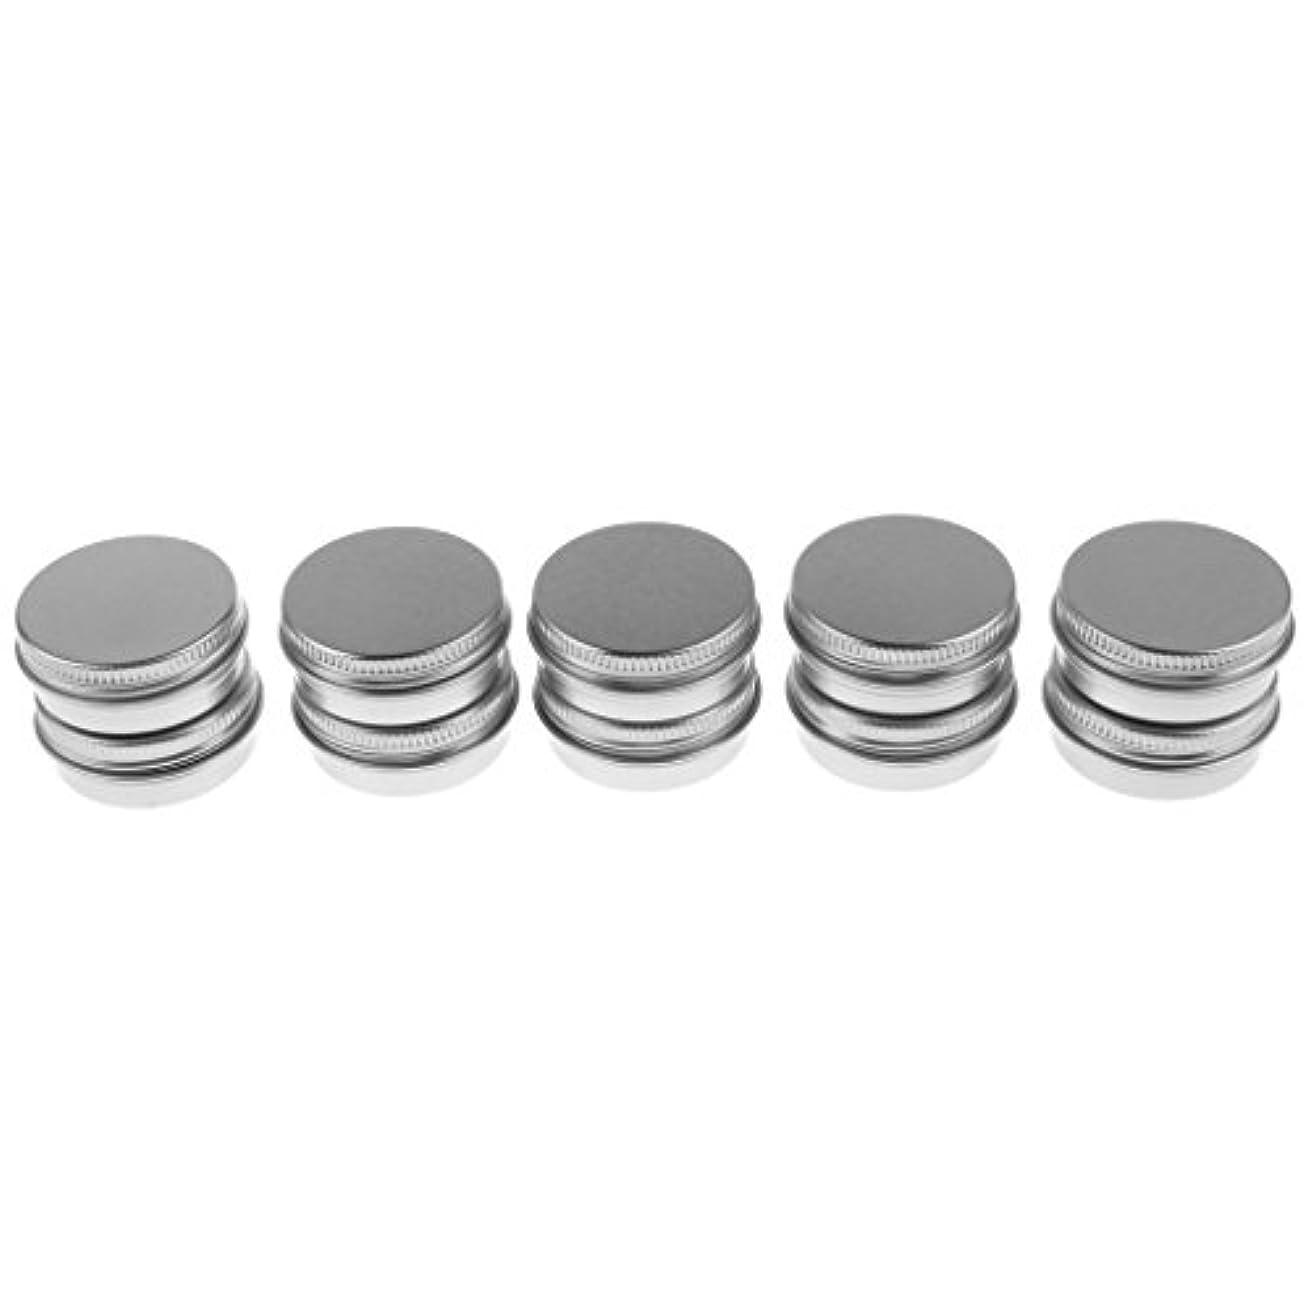 インディカタービンミトン10個入り 化粧品用 空 瓶 クリーム 缶 容器 缶ケース 蓋付き 15g 生活 便利 グッズ